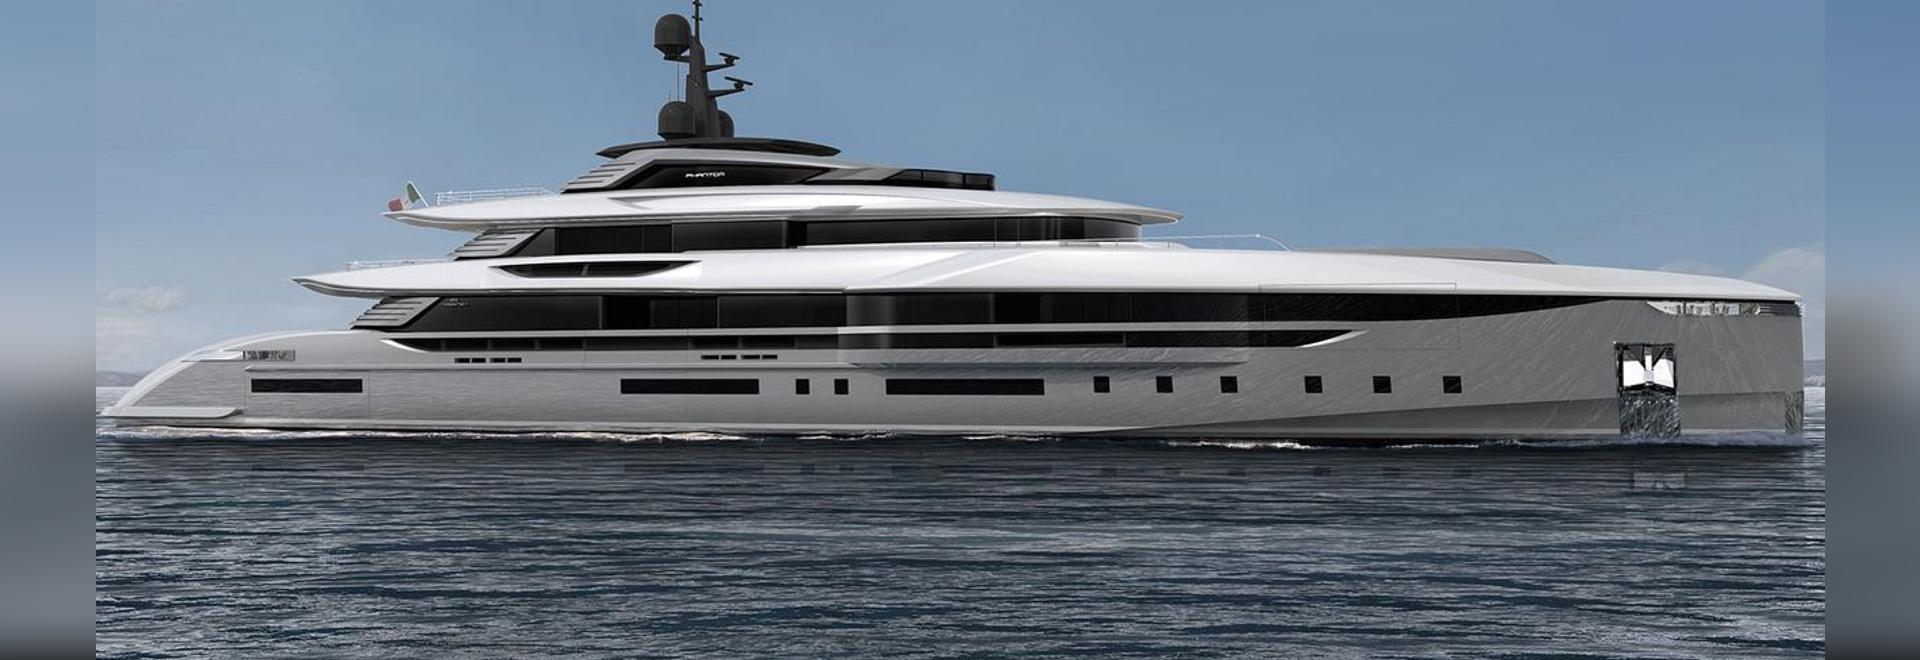 Team For Design Enrico Gobbi reveals Rossinavi concept Phantom 62